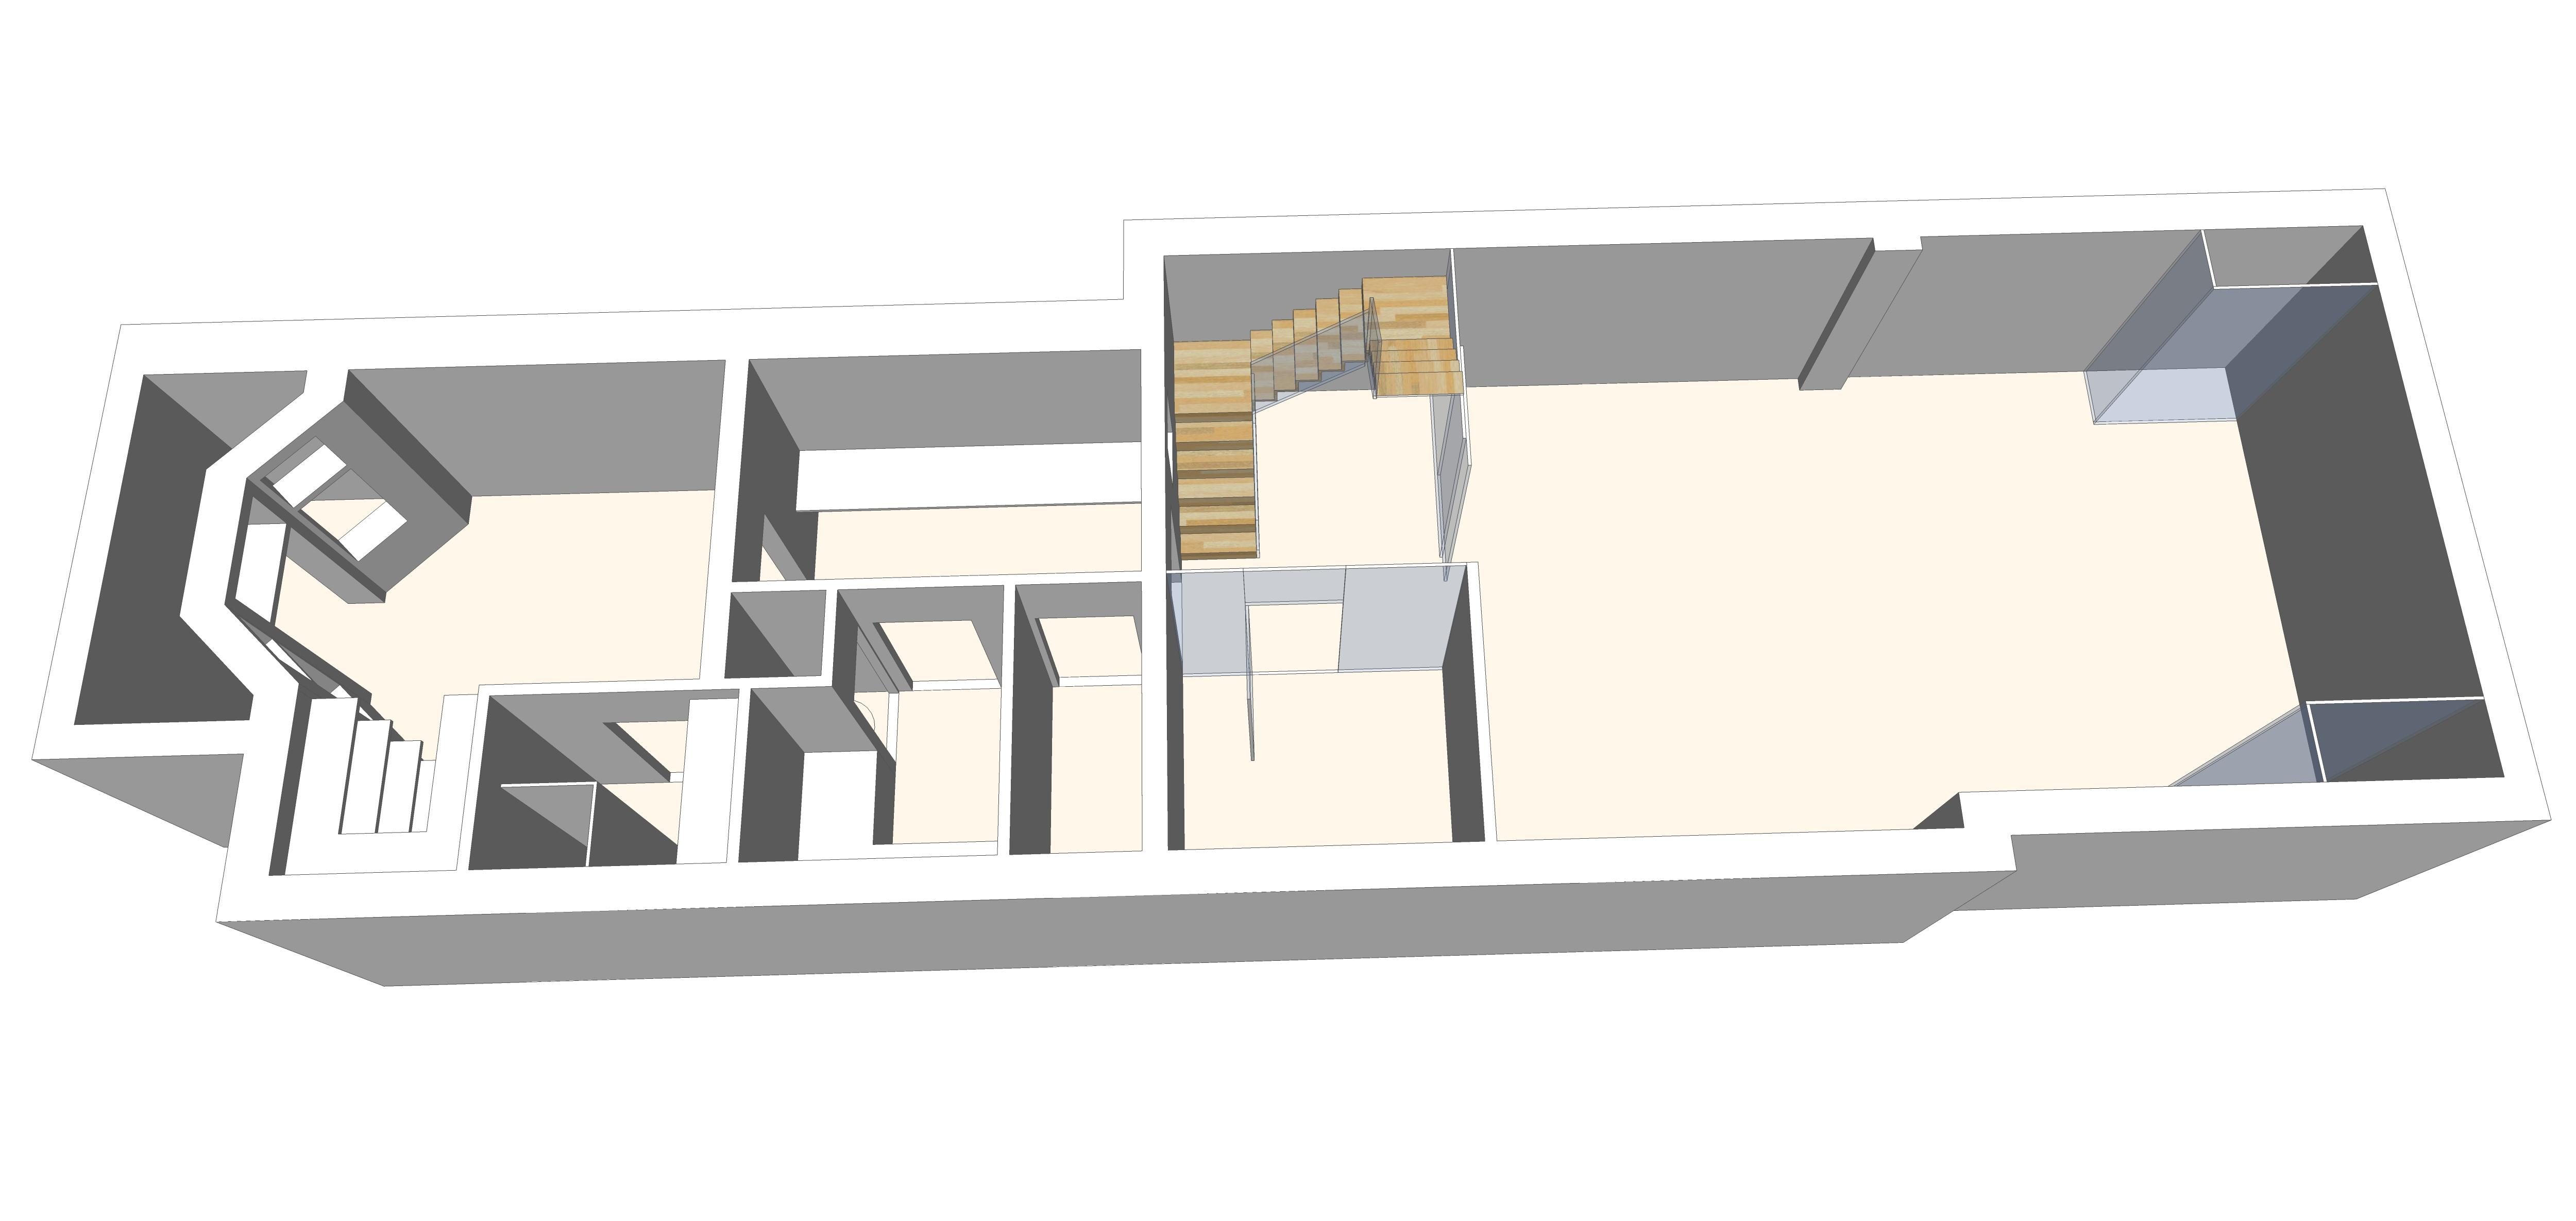 Basement Architects London